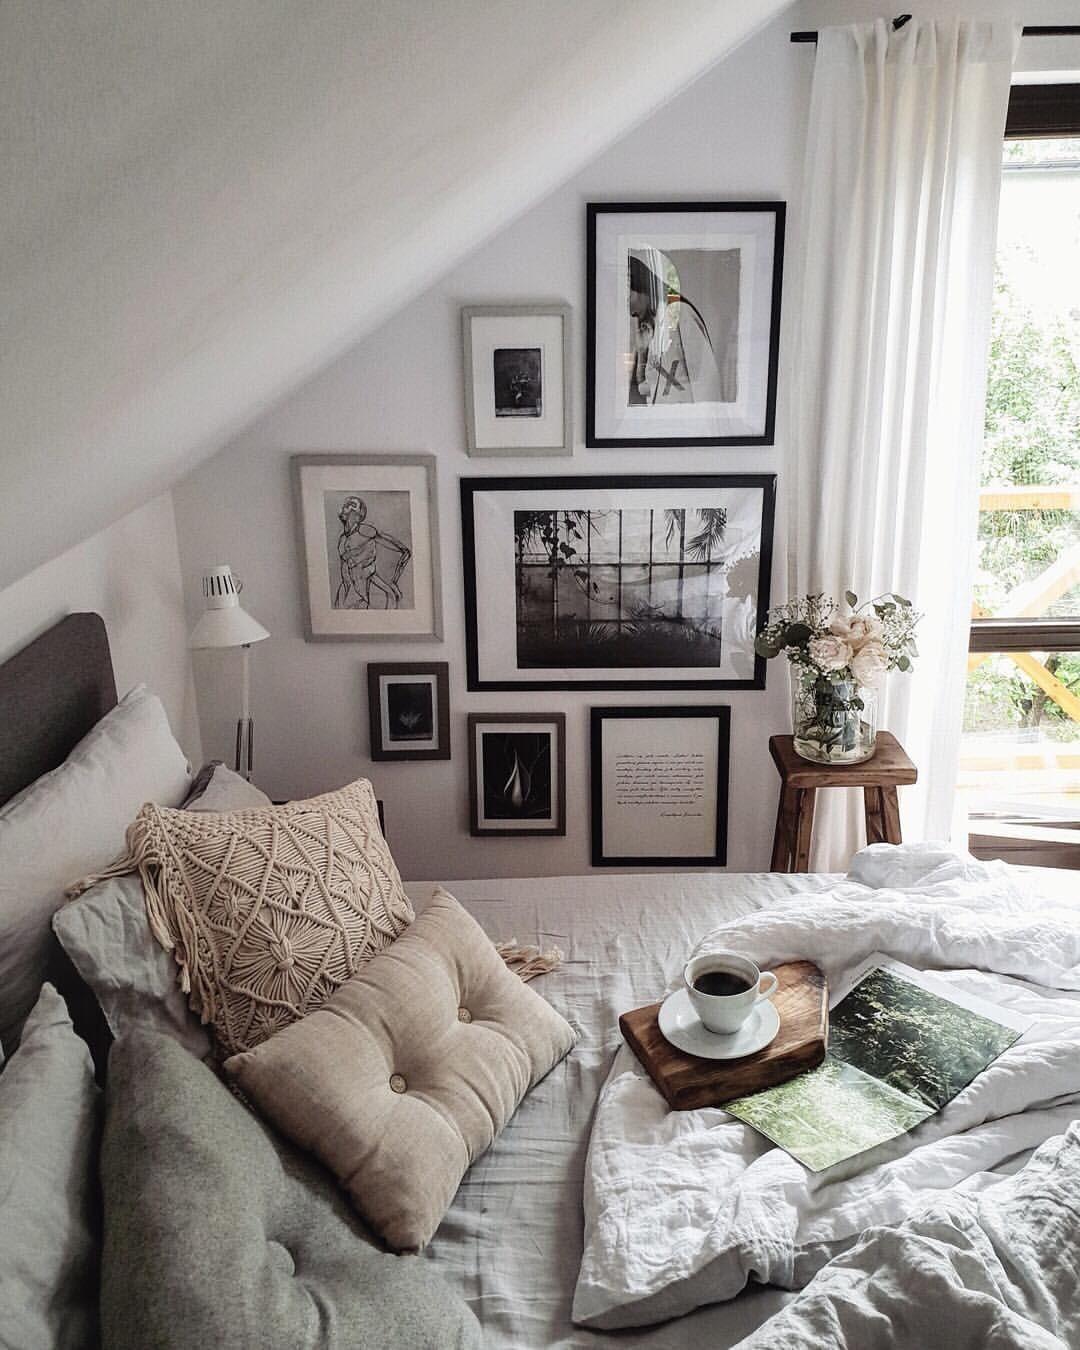 Schlafzimmer Einrichten Ideen Dachschr?ge - Schlafzimmer Ideen